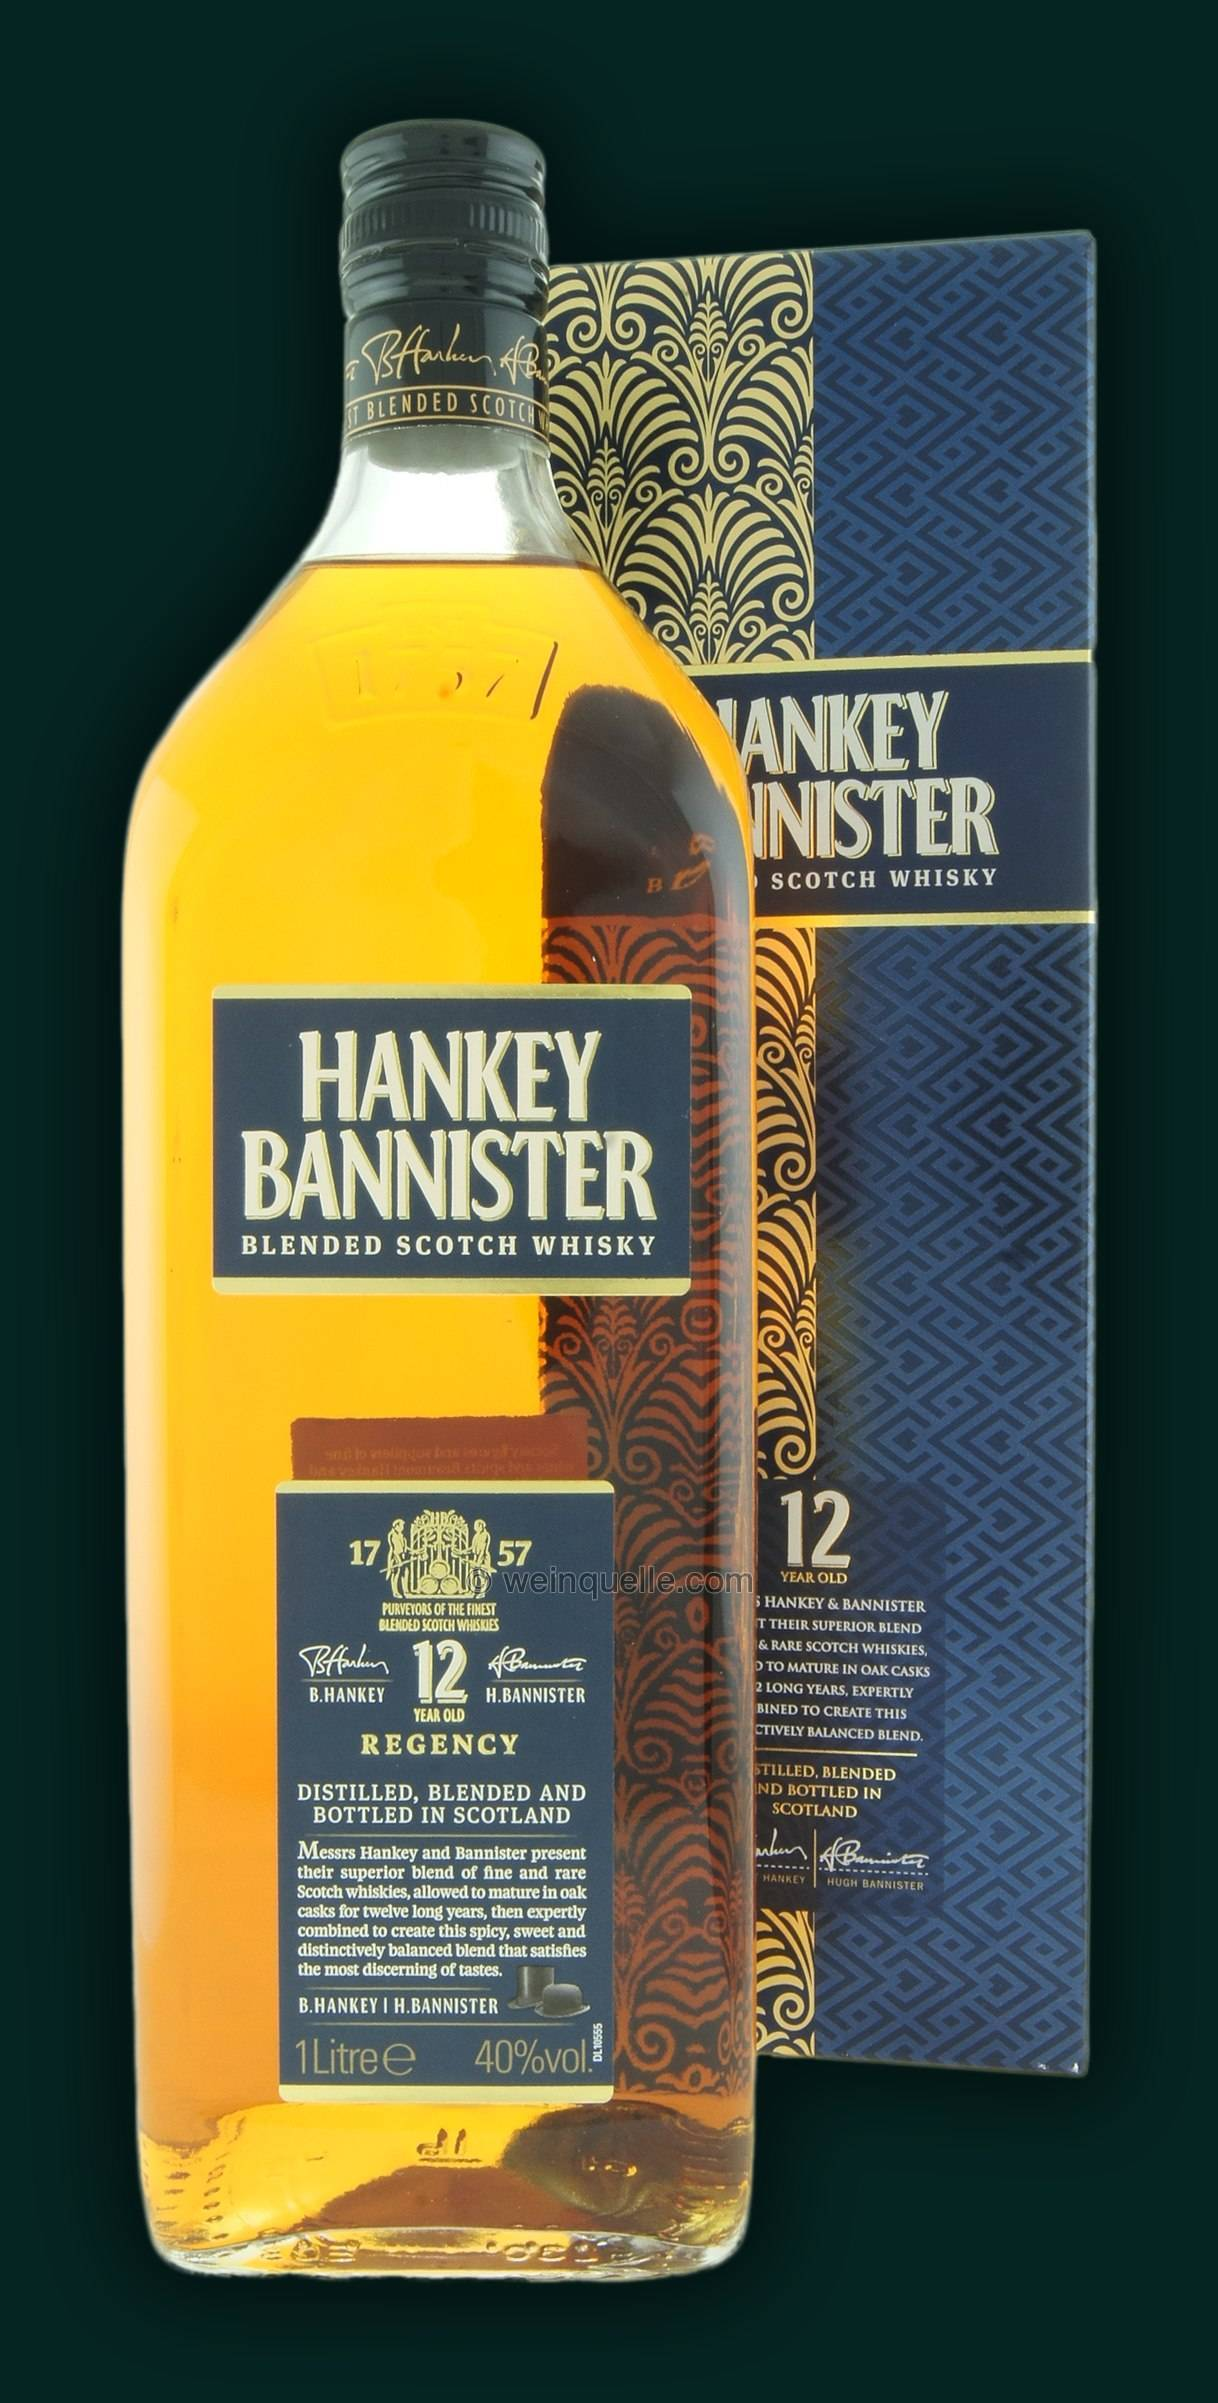 История появления и разновидности виски hankey bannister. сколько стоит и где можно купить?